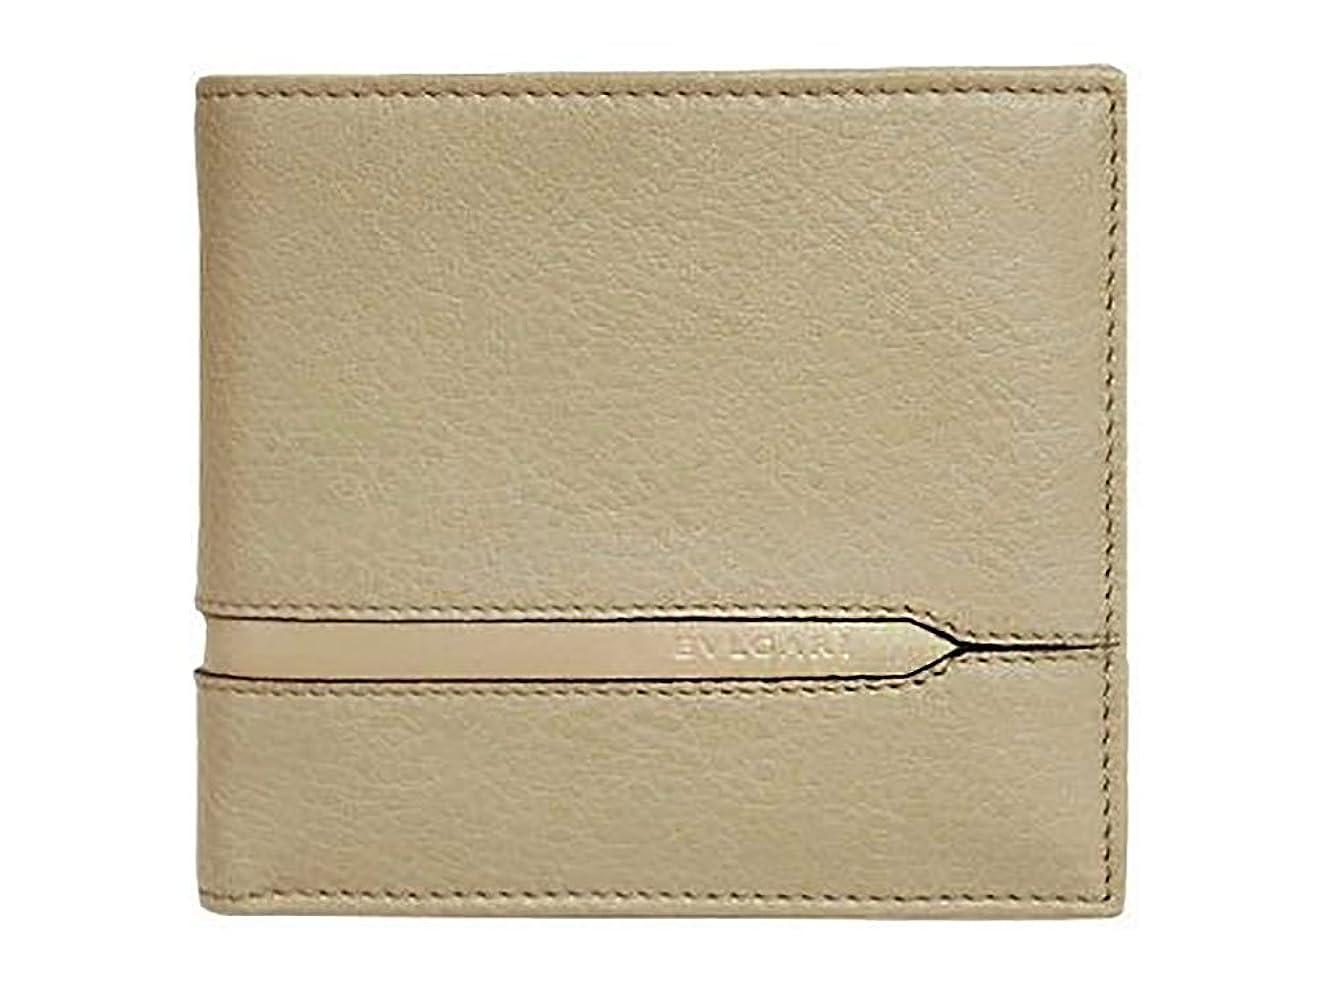 横に波に関してブルガリ 財布 37161 BVLGARI メンズ 二折り小銭付き財布 BVLGARIロゴ カーフ ベージュ [並行輸入品]